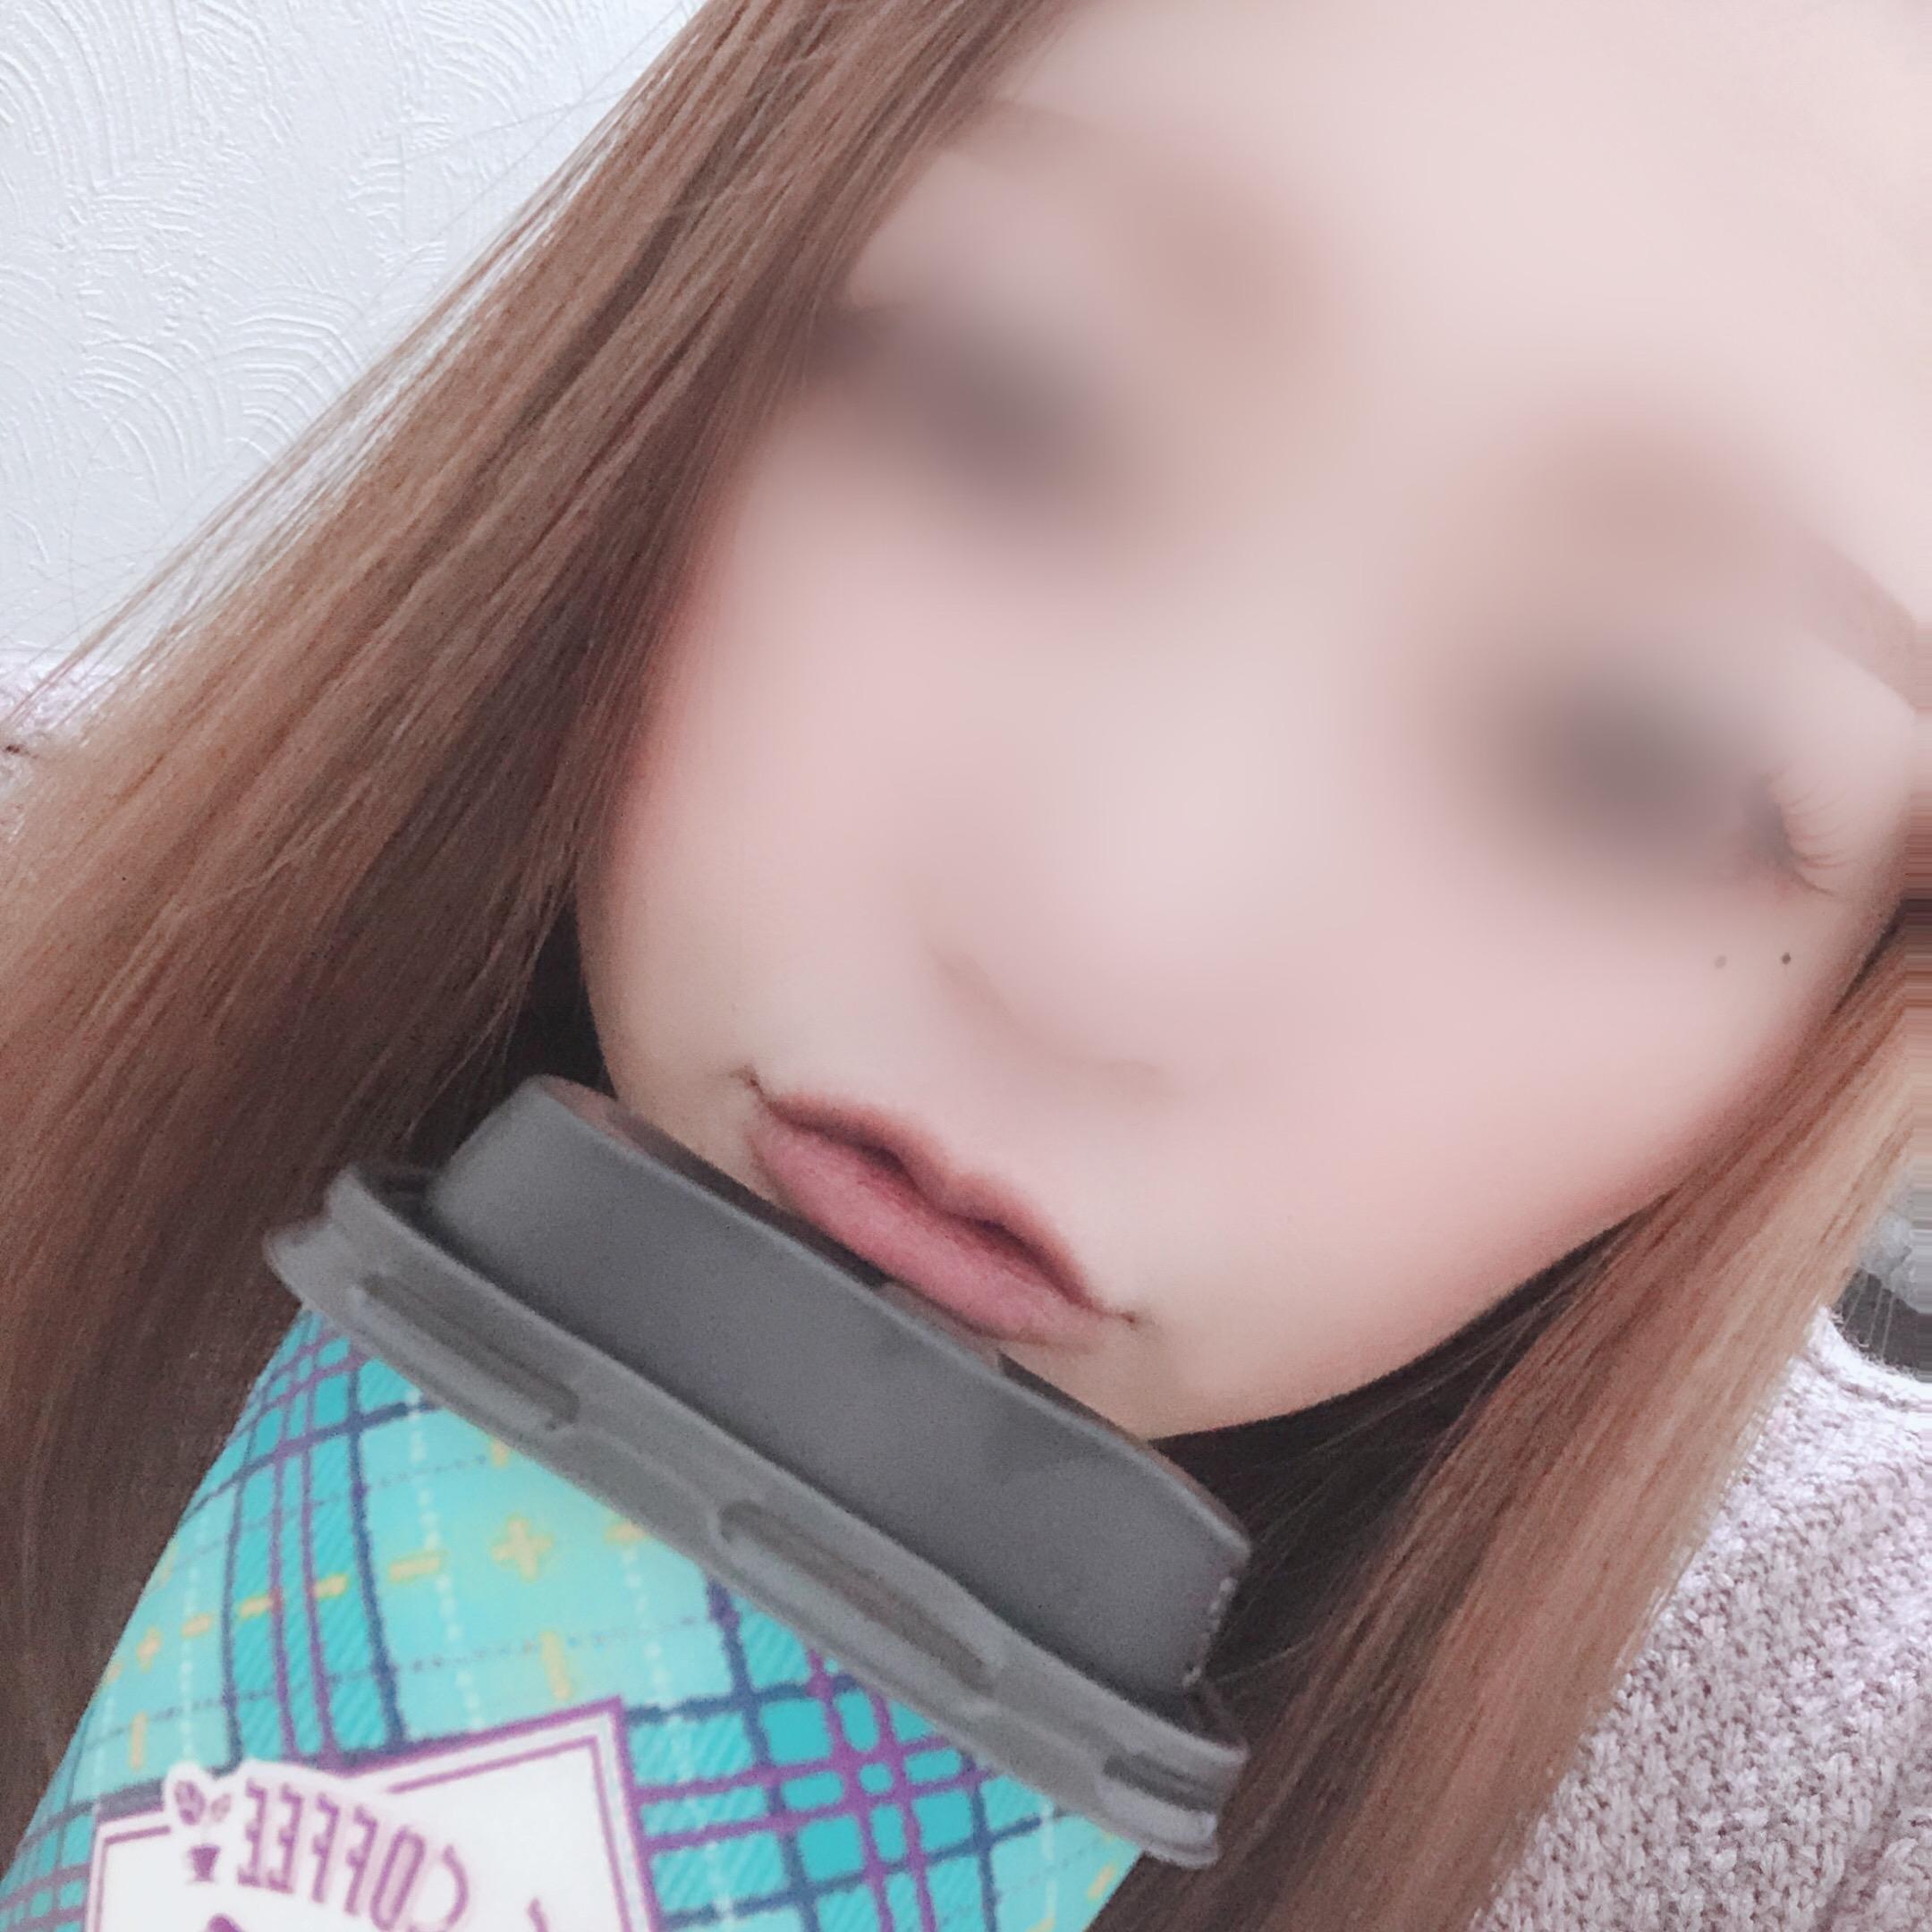 「こんにちは⑅•͈ ·̮ •͈⑅」02/23(02/23) 15:01 | さやかの写メ・風俗動画